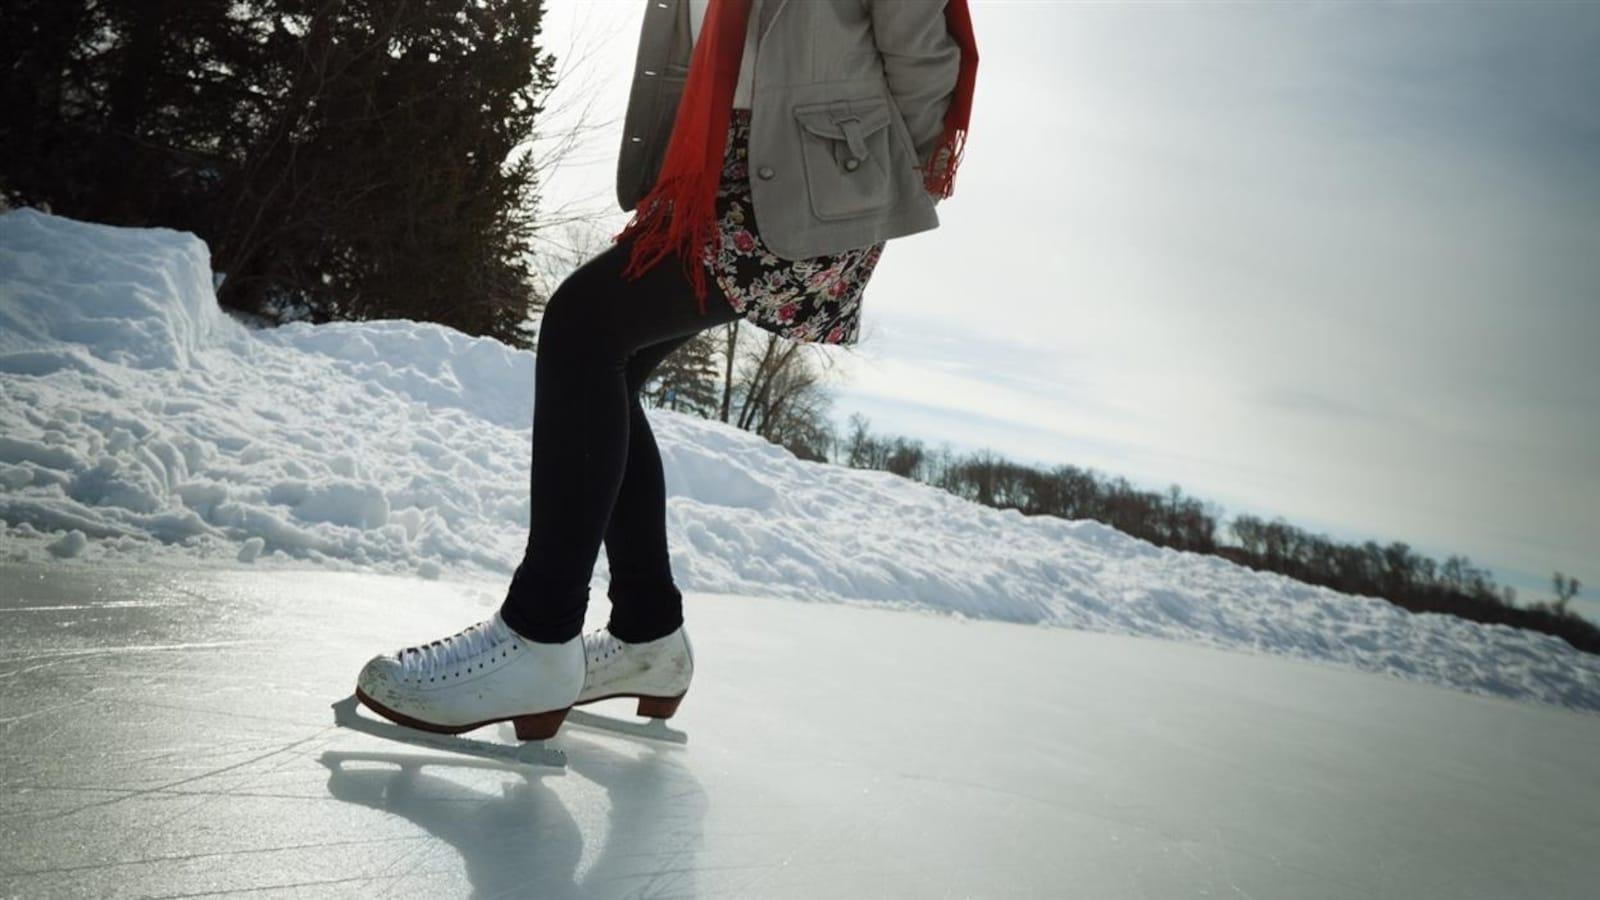 Une patineuse s'exerce sur un anneau de glace.